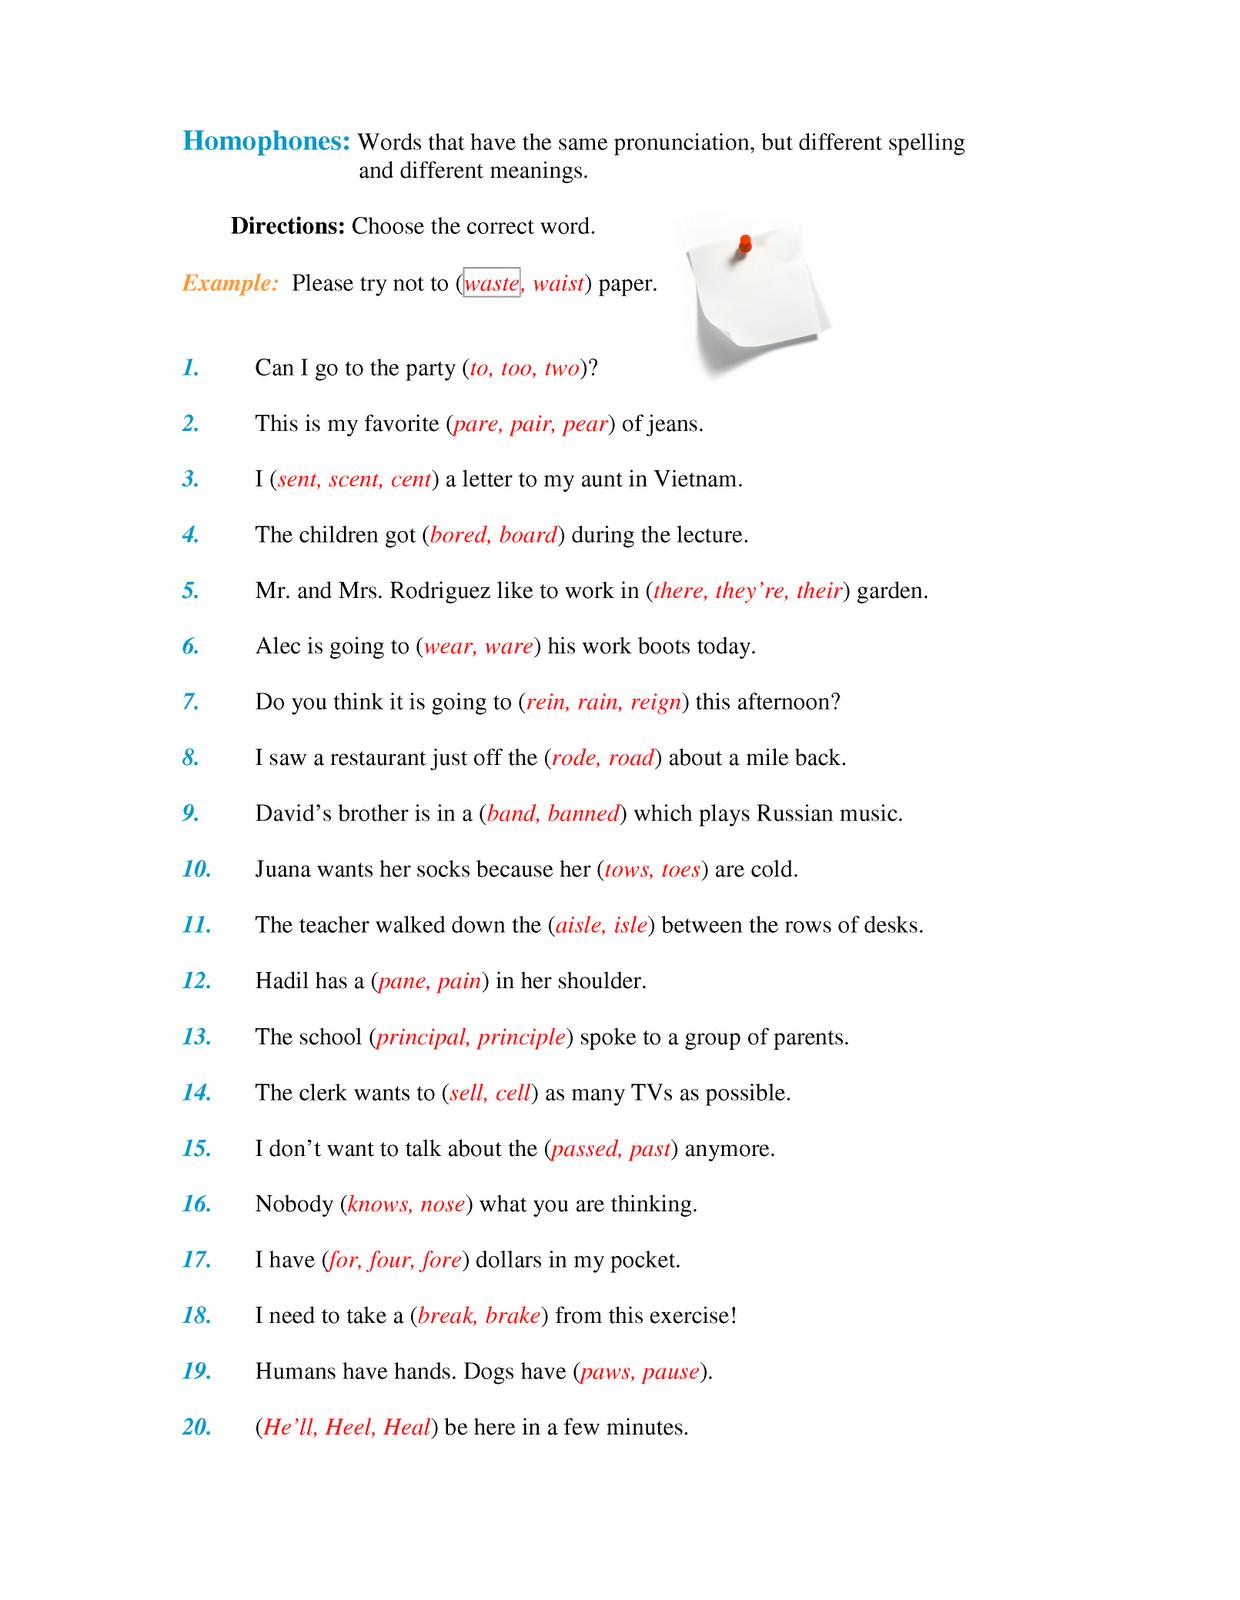 Worksheets Homonyms Worksheet homophones homonyms worksheet